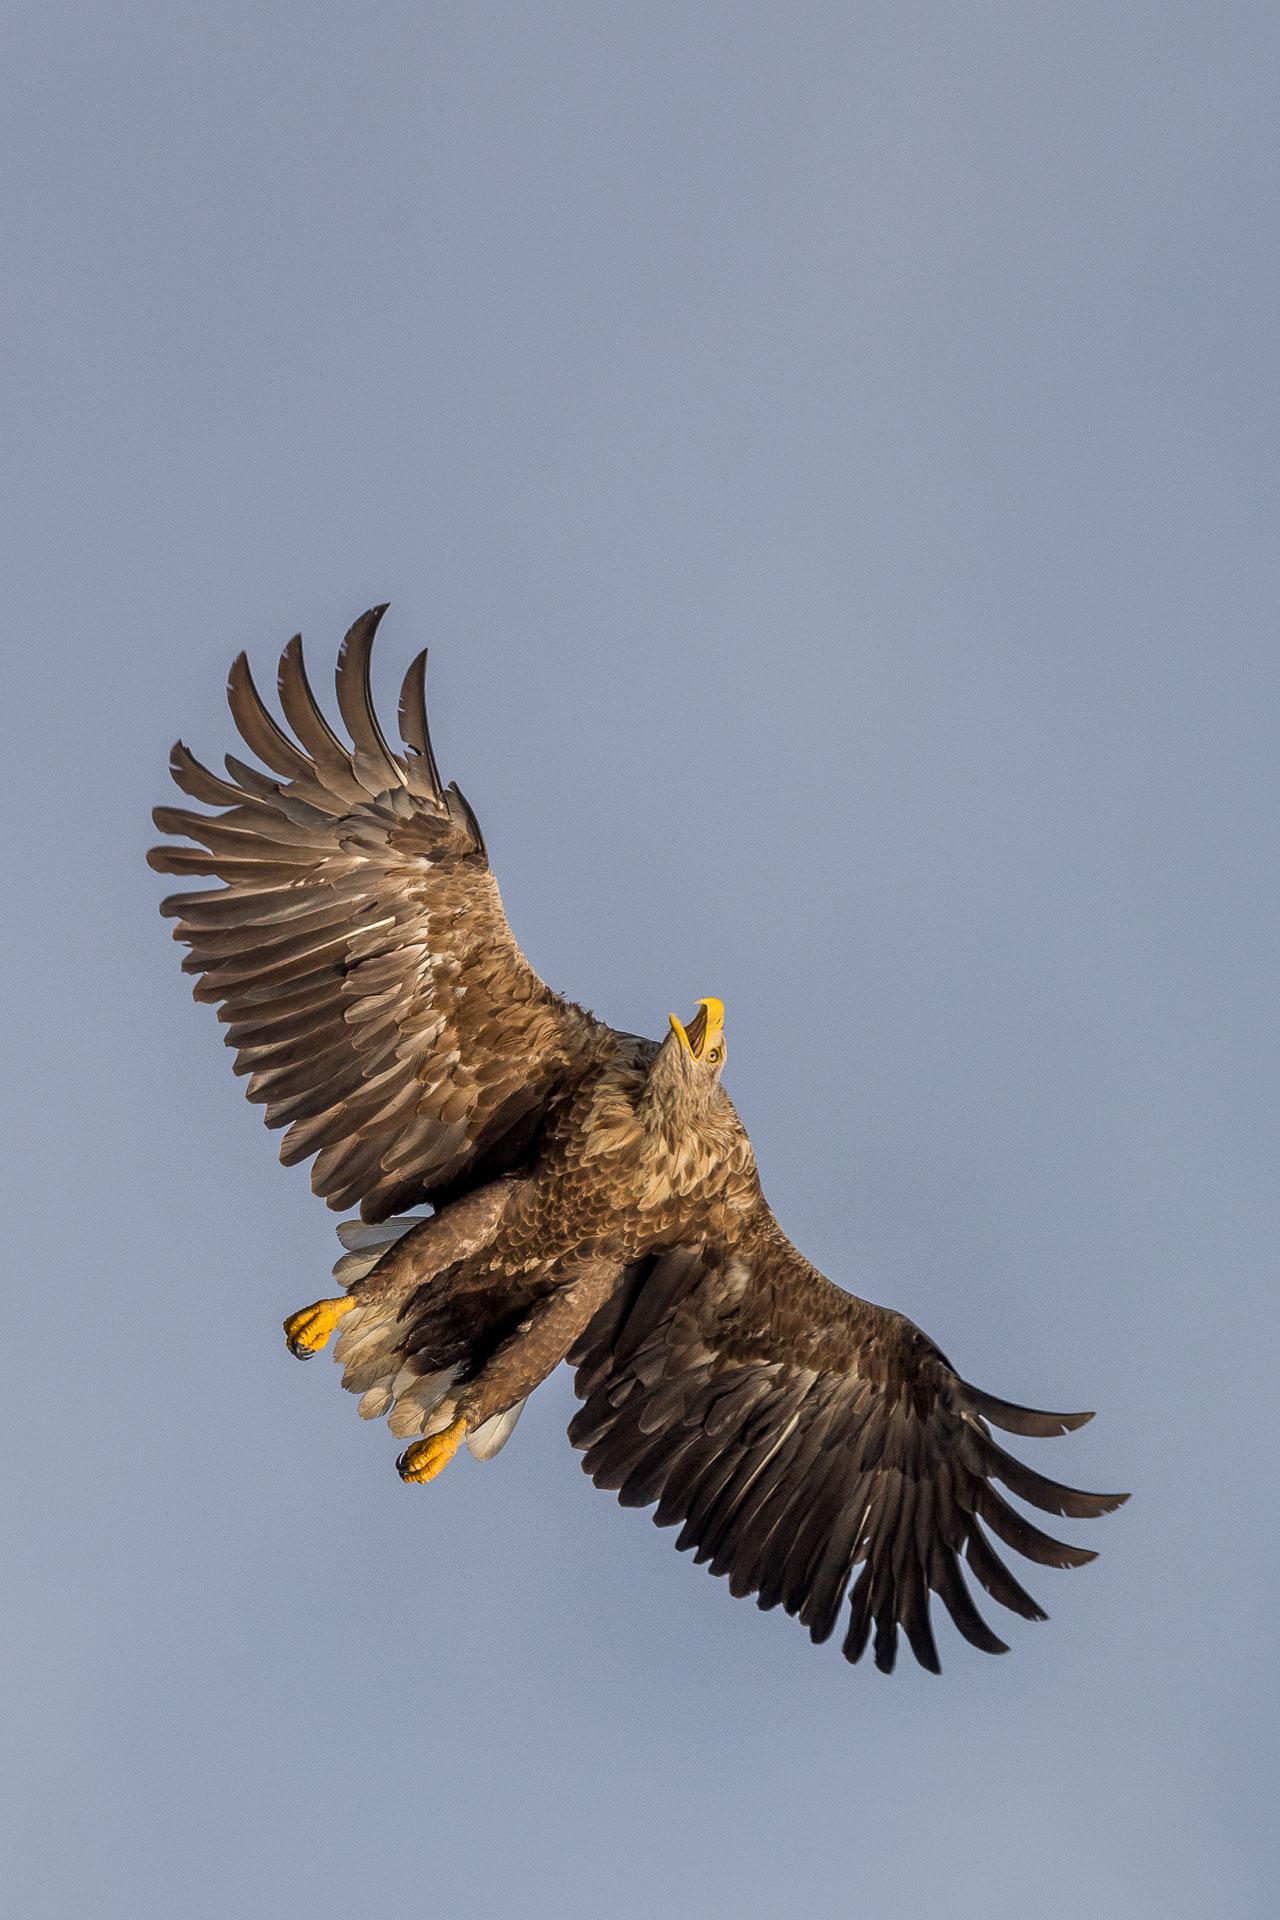 Unglaubliche 2,50 Meter Spannweite betragen die brettartigen Flügel des Seeadlers! Foto: Eric Dienesch